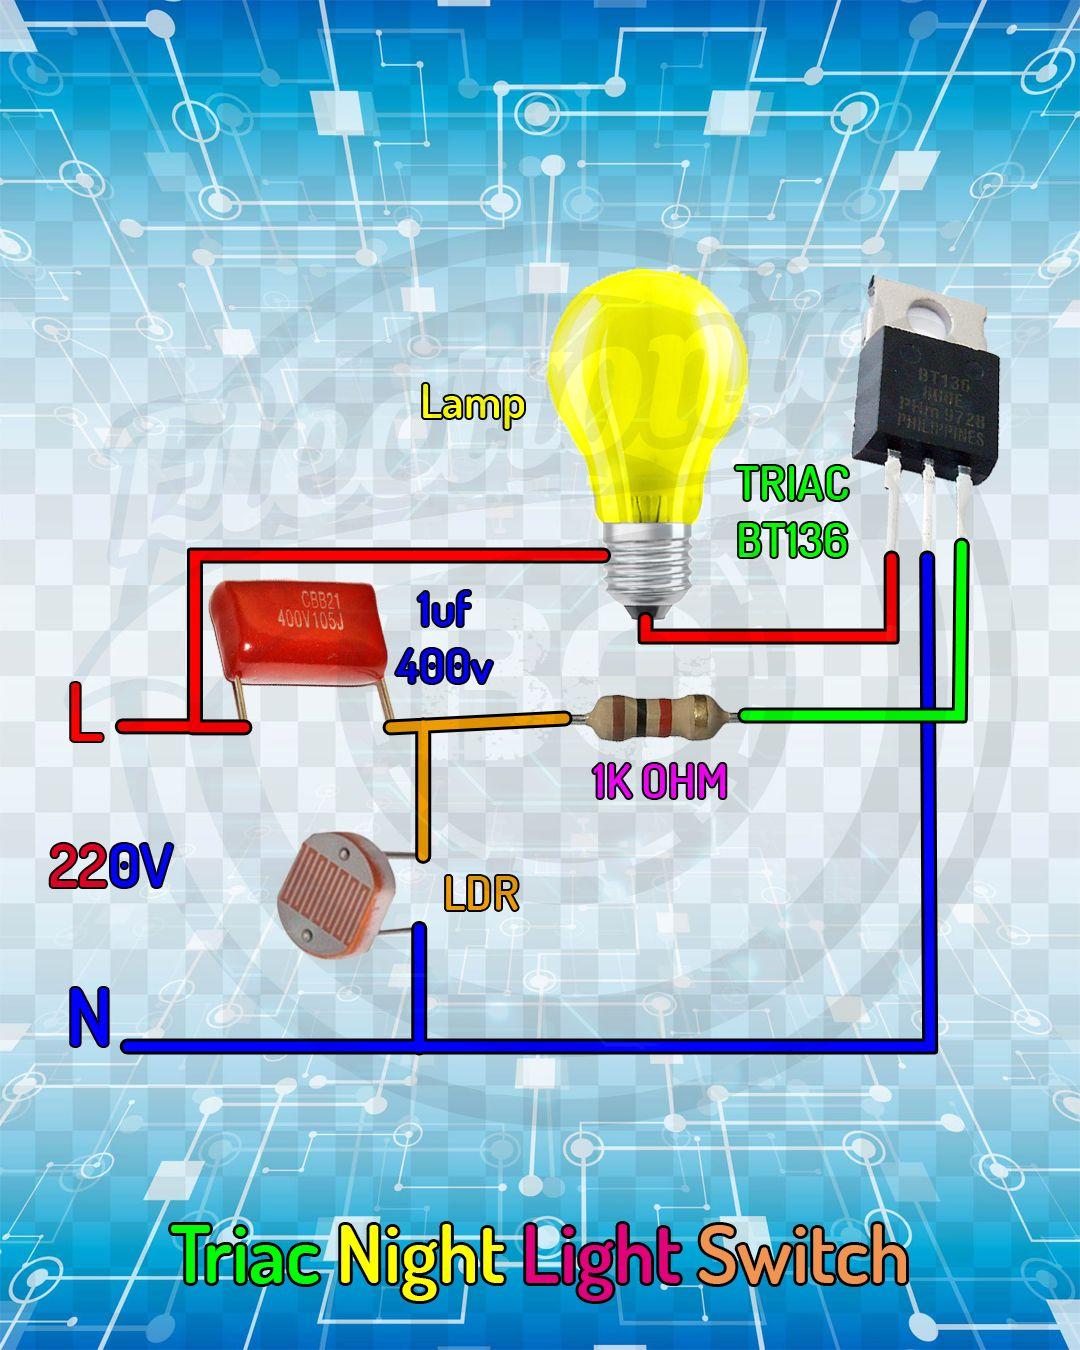 Triac Night Light Switch.